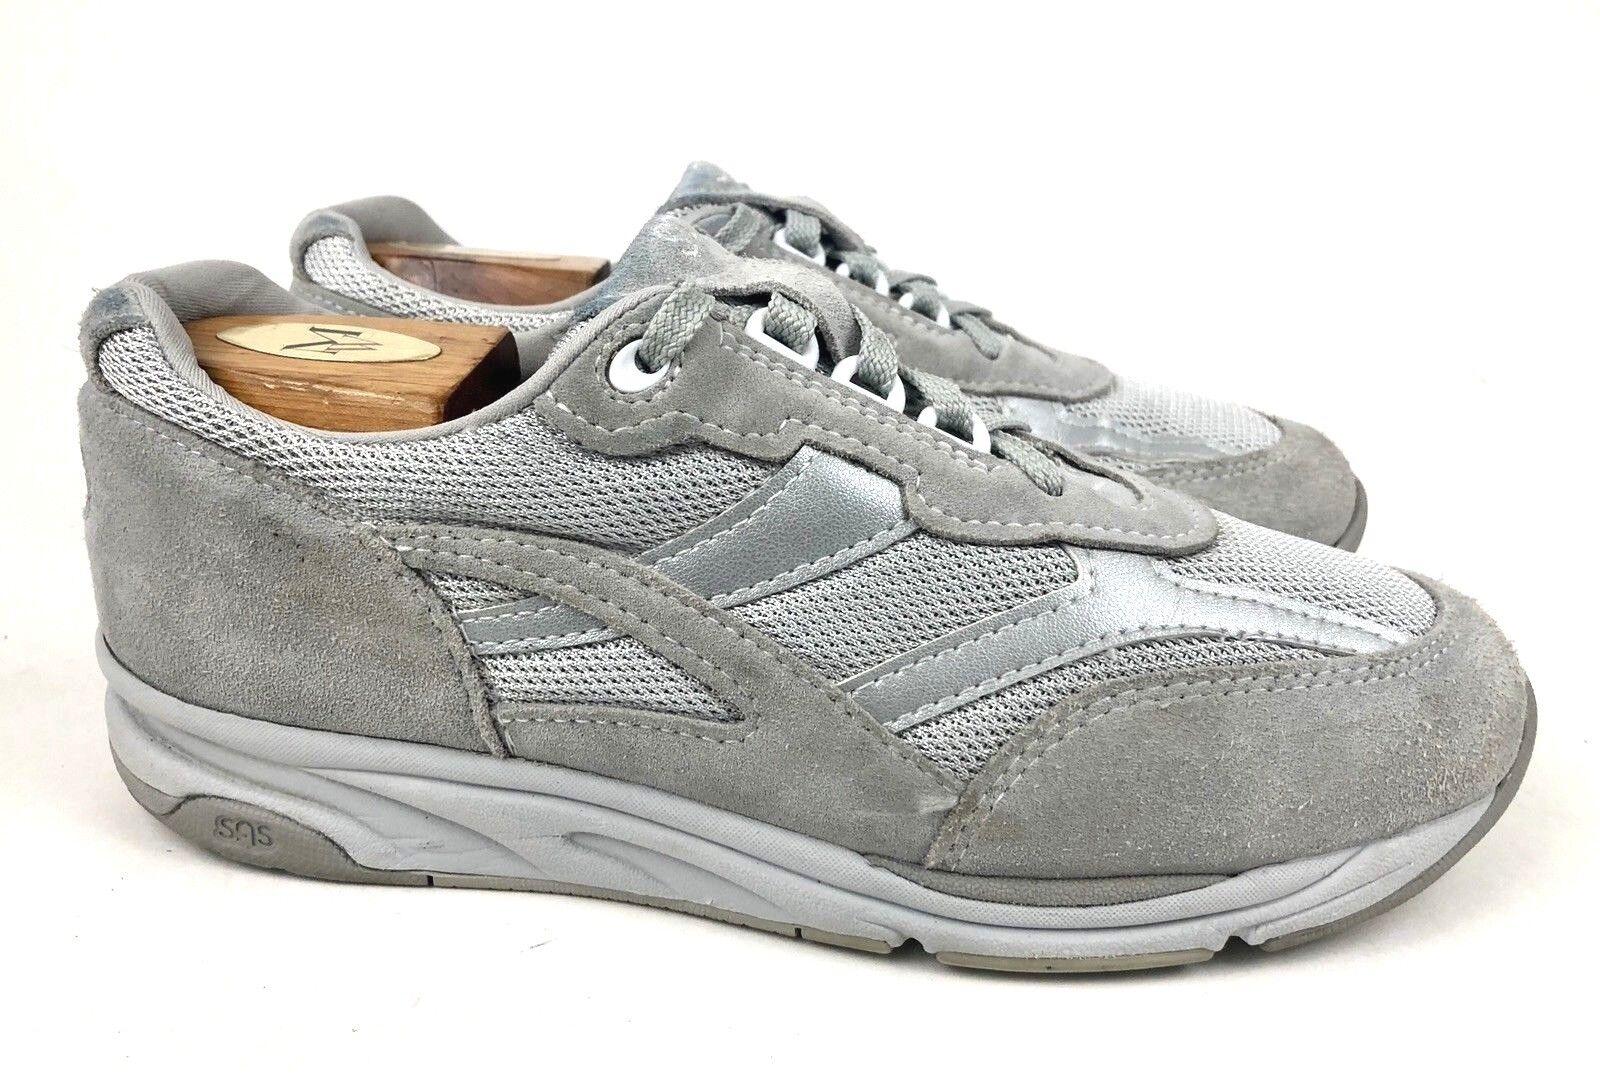 SAS     Tour Mesh gris Suede Leather Lace-Up Comfort Walking baskets   femmes 8.5 f6768c